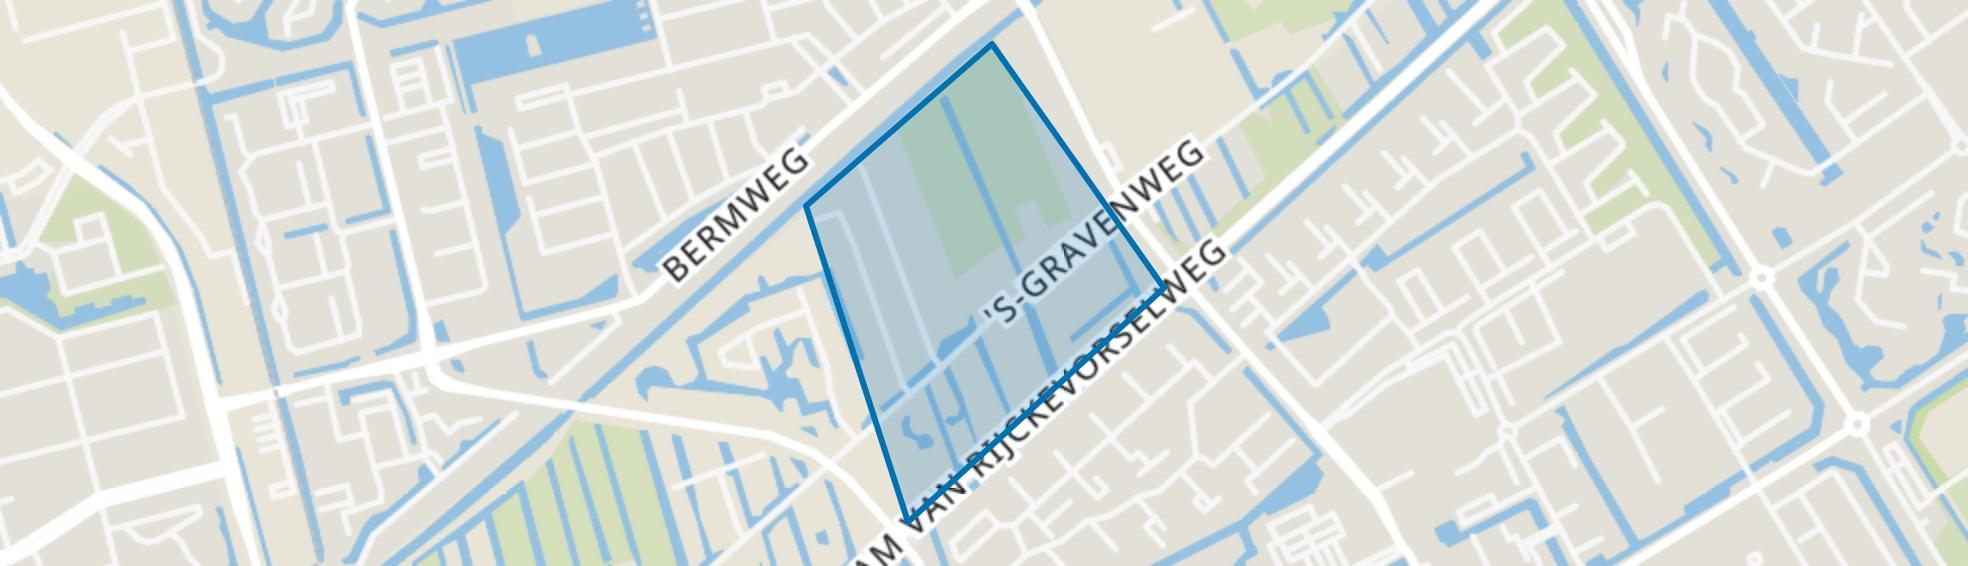 's-Gravenpark, Capelle aan den IJssel map